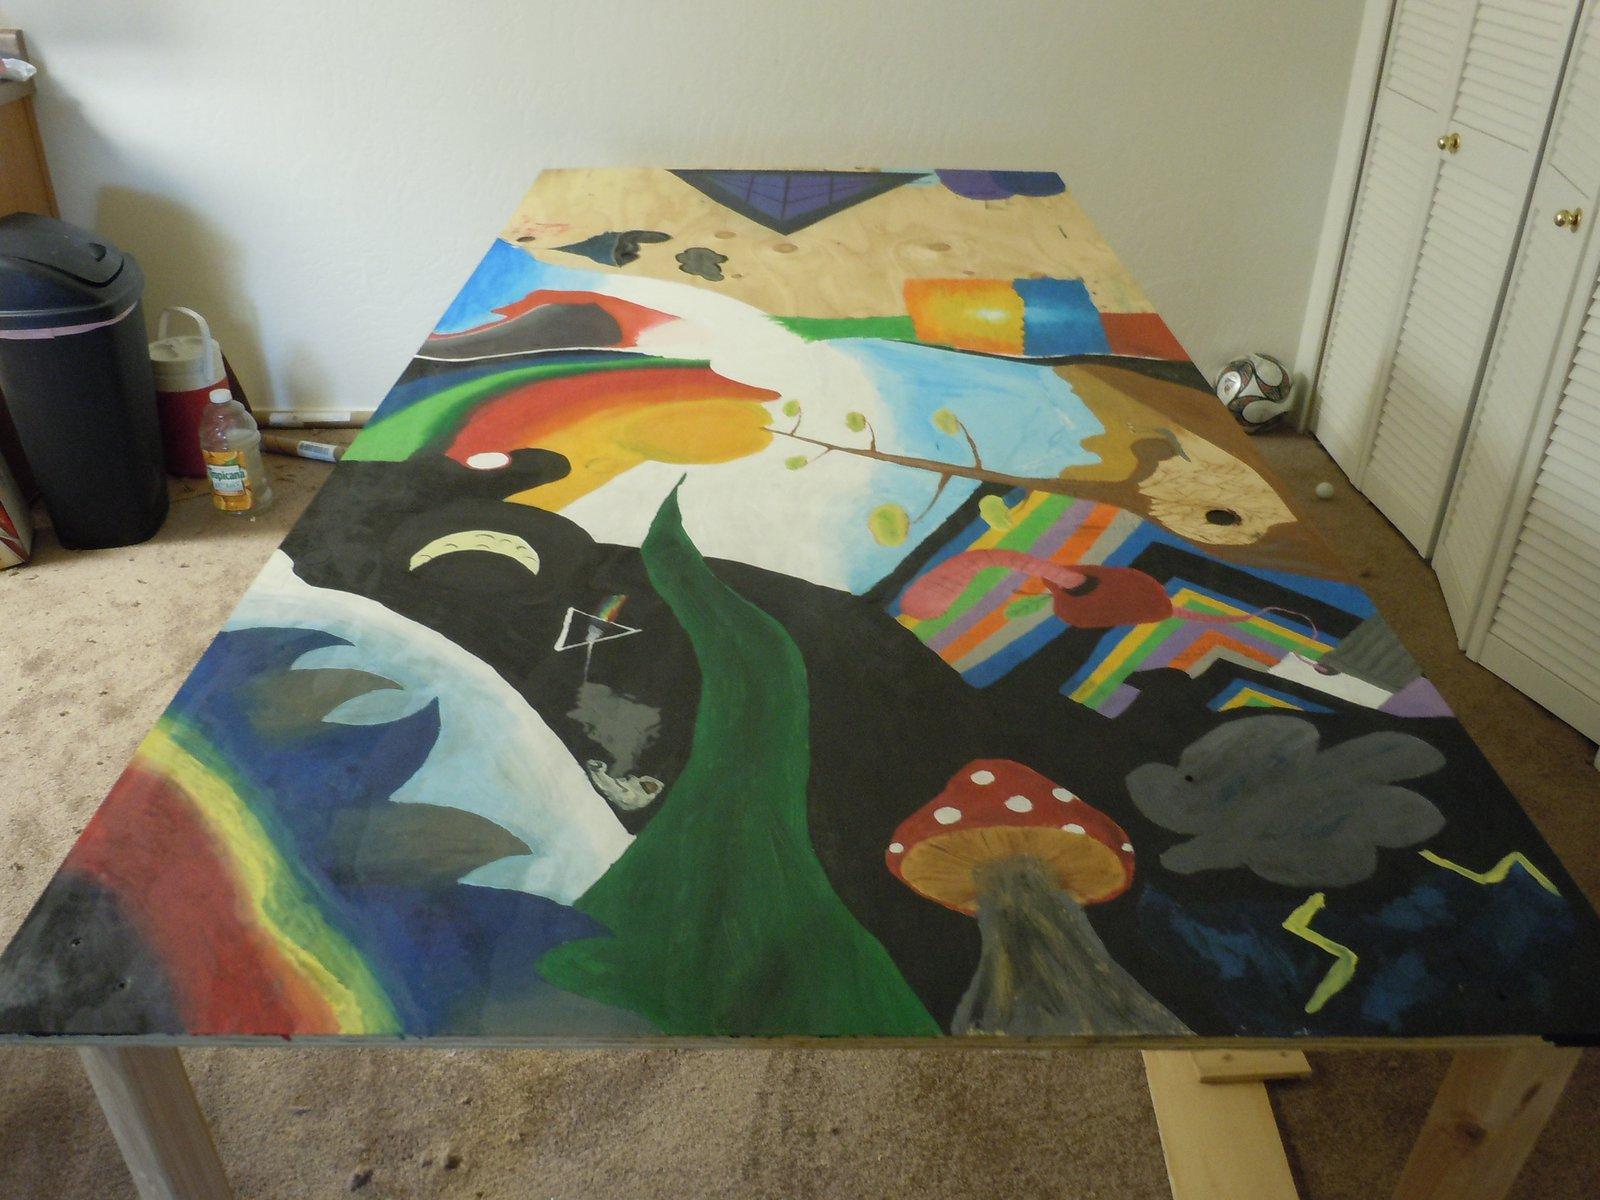 a nice paintin!